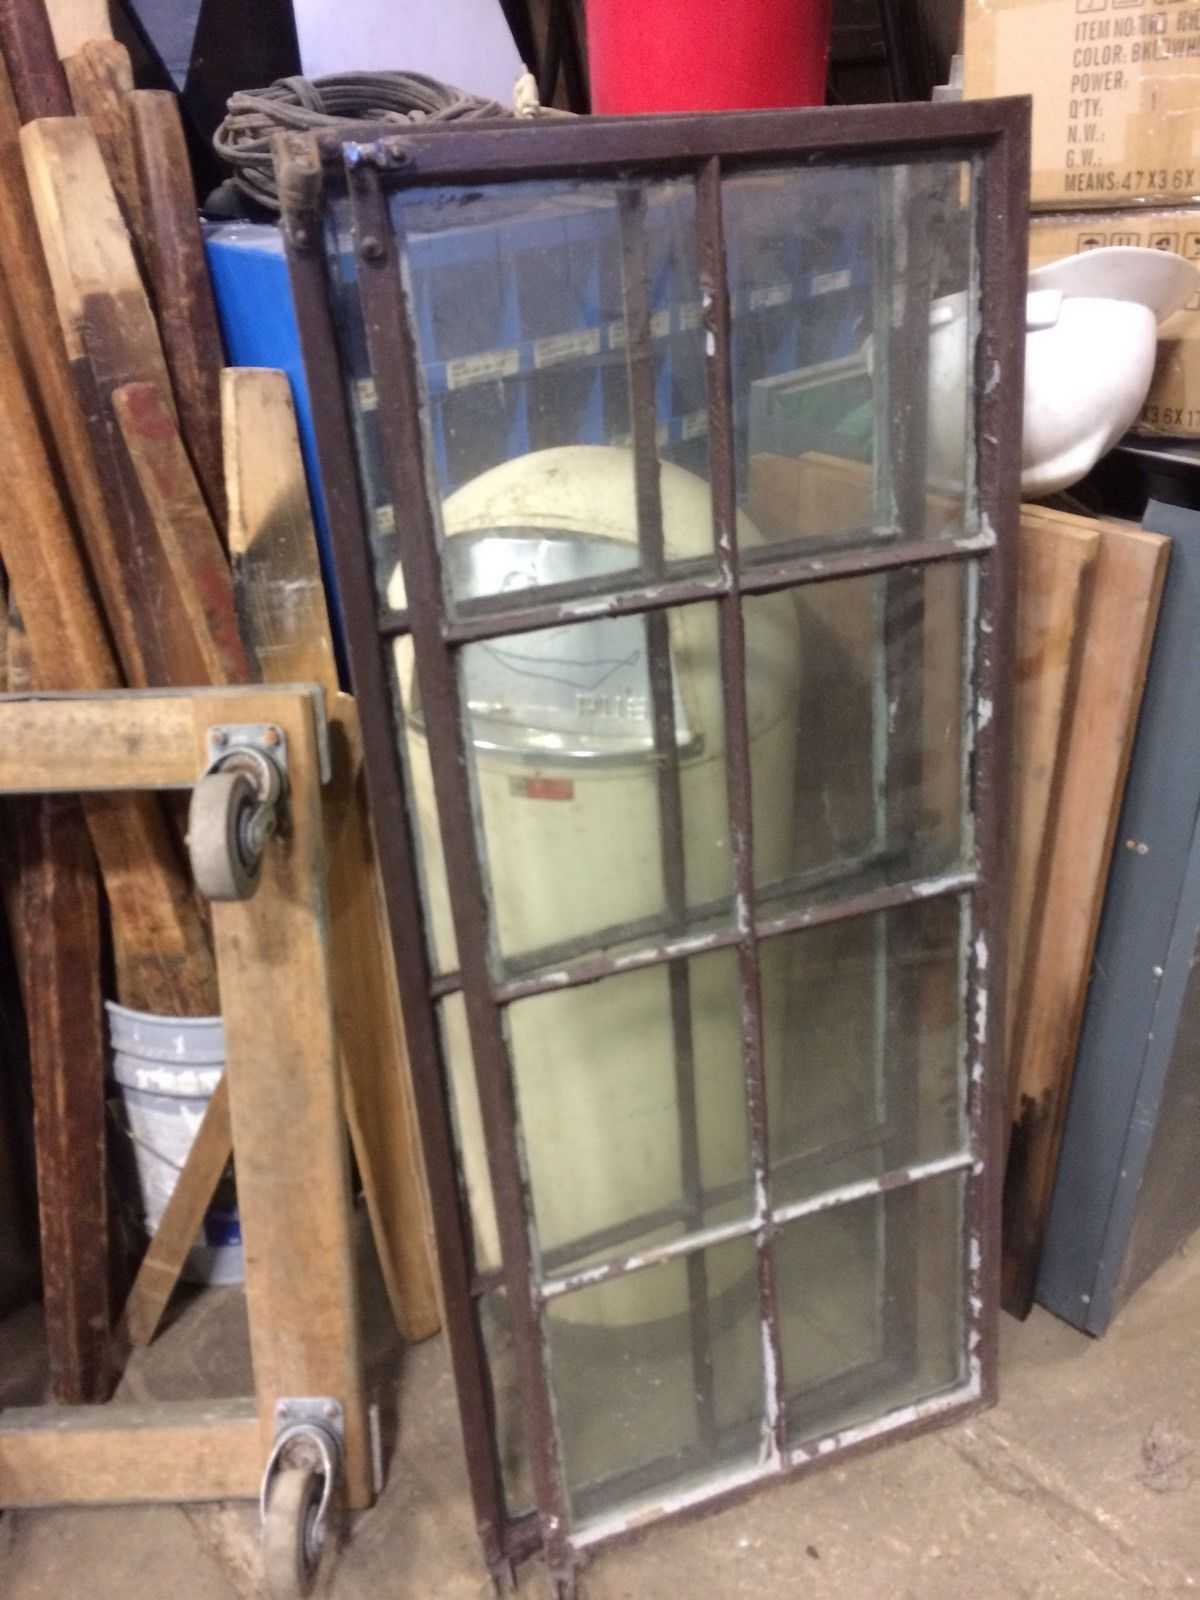 steel casement windows 1940's iron steel casement windows sashes industrial salvage window cleveland ebay